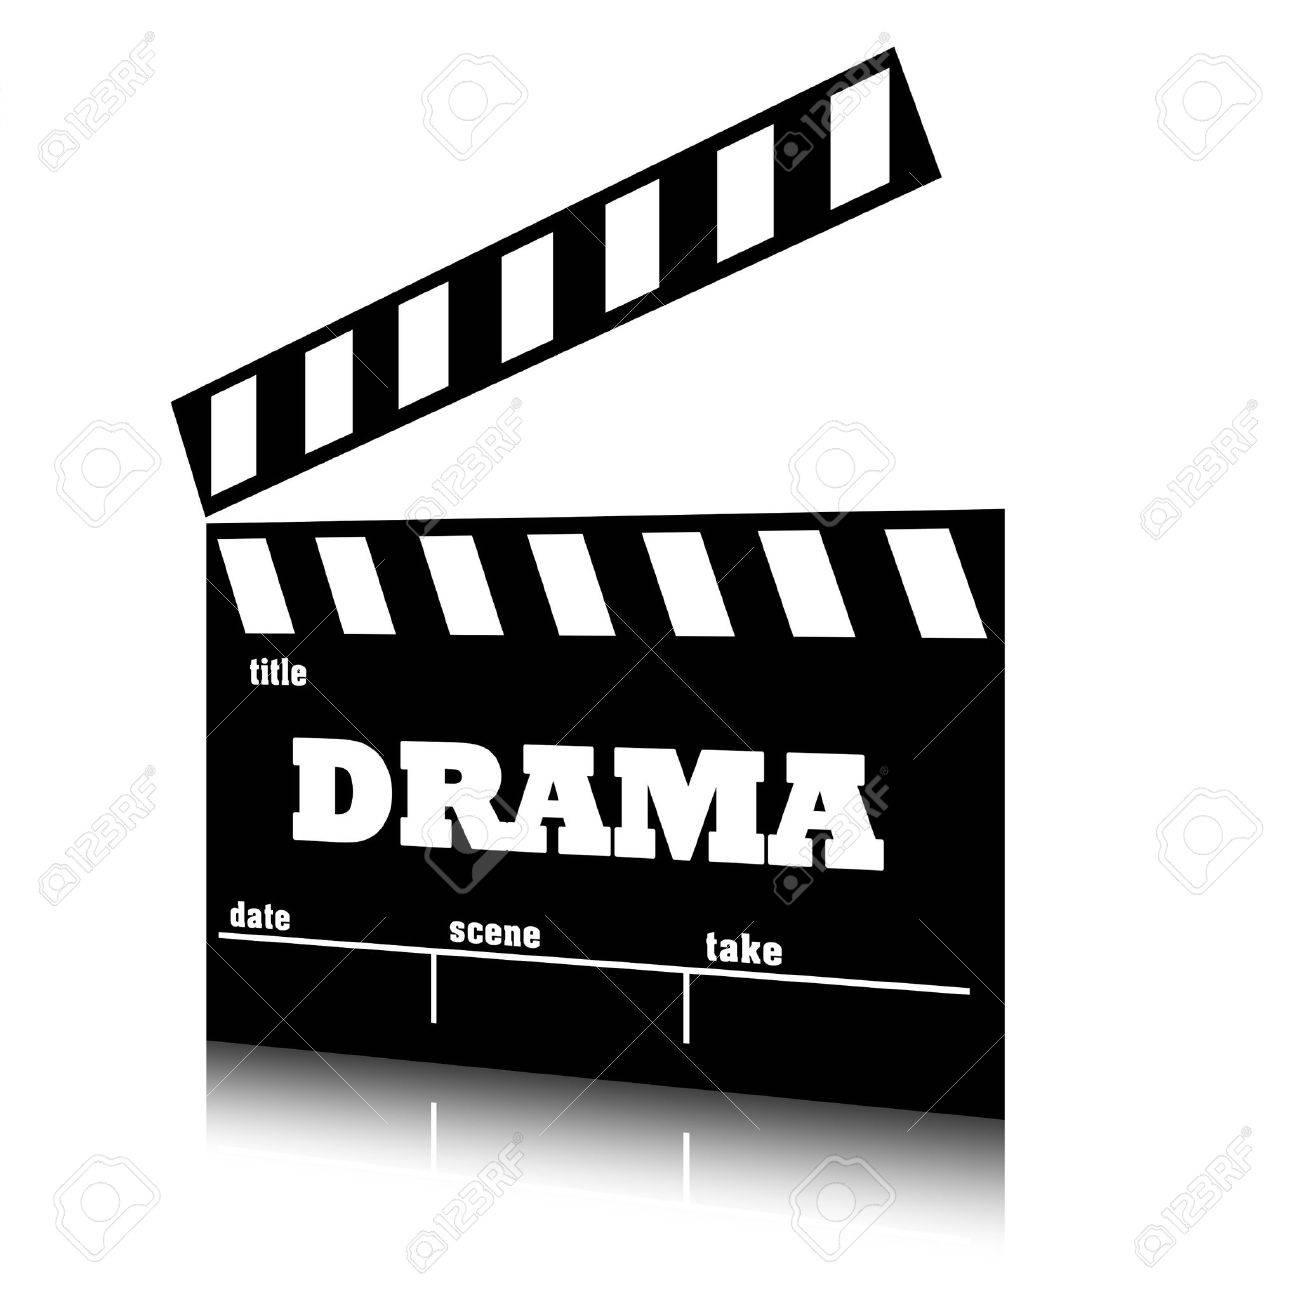 Banque d'images - Clap cinéma du genre drame cinéma, illustration du texte  claquette.